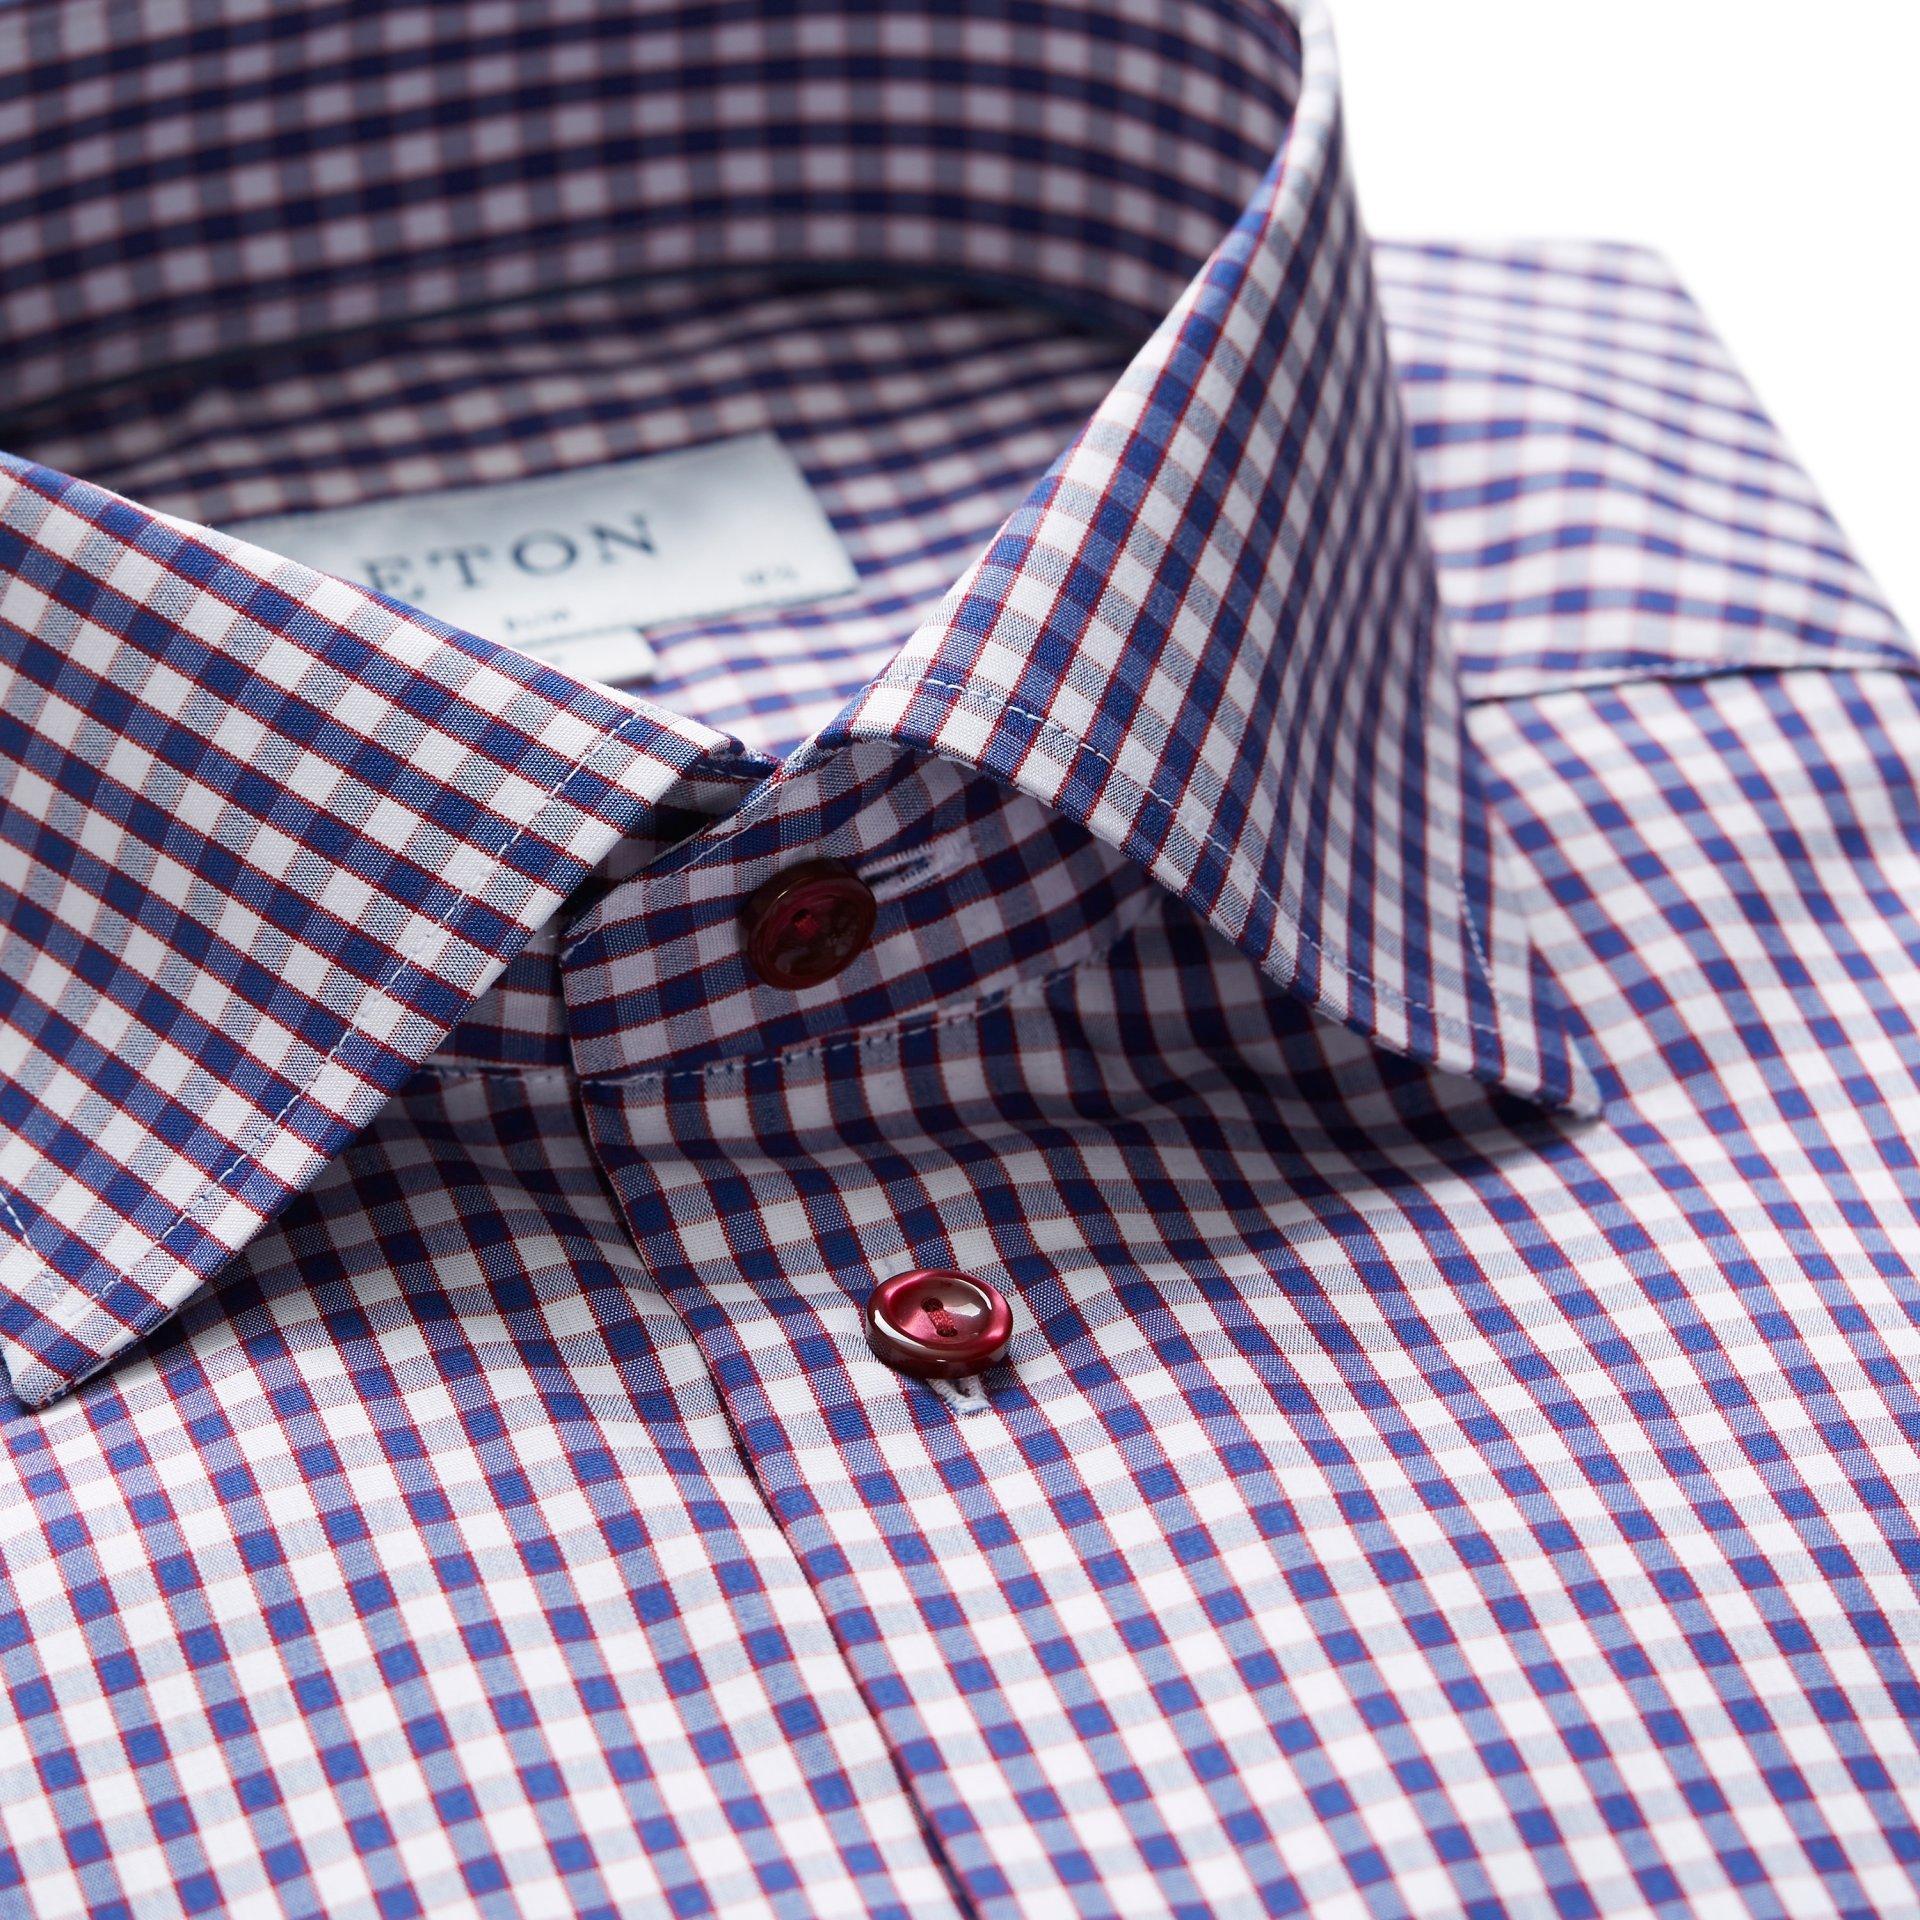 Eton Red Blue Check Twill Shirt Shop Modern Man Twill Shirt Clothing Co Shirt Shop